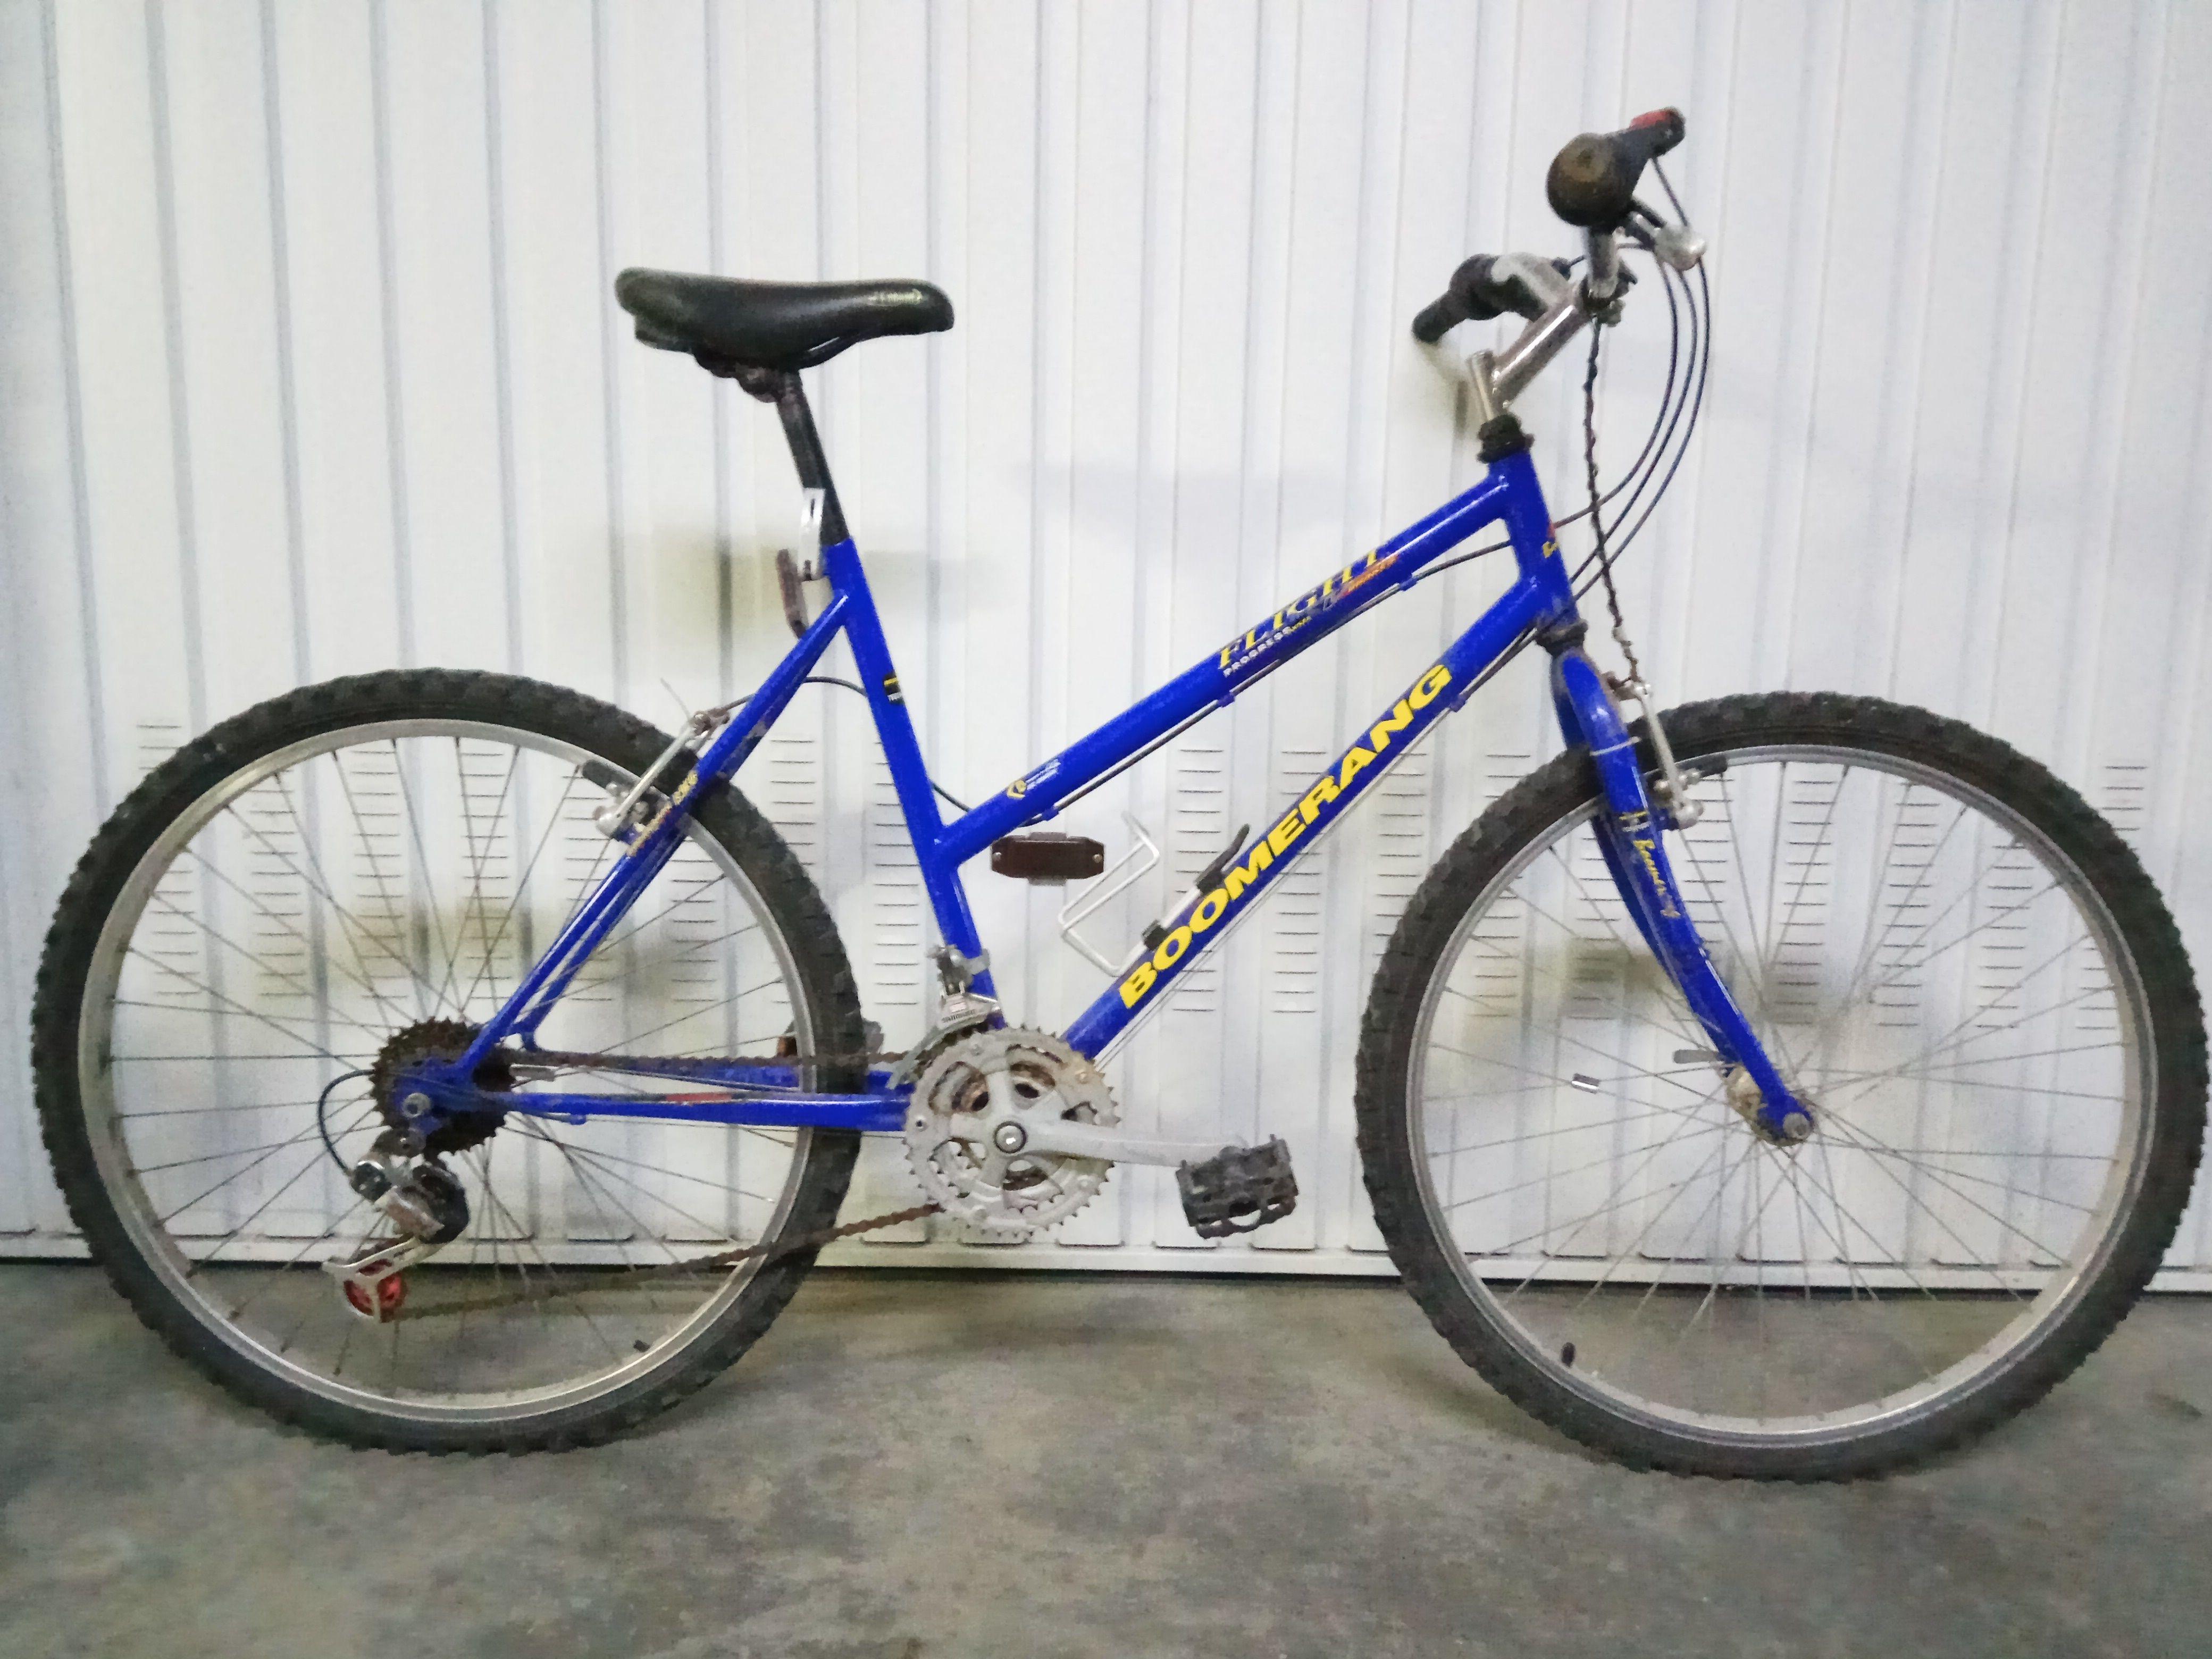 Bici Boomerang con Barra Baja 50€ MARCA: Boomerang MODELO: Flight ...